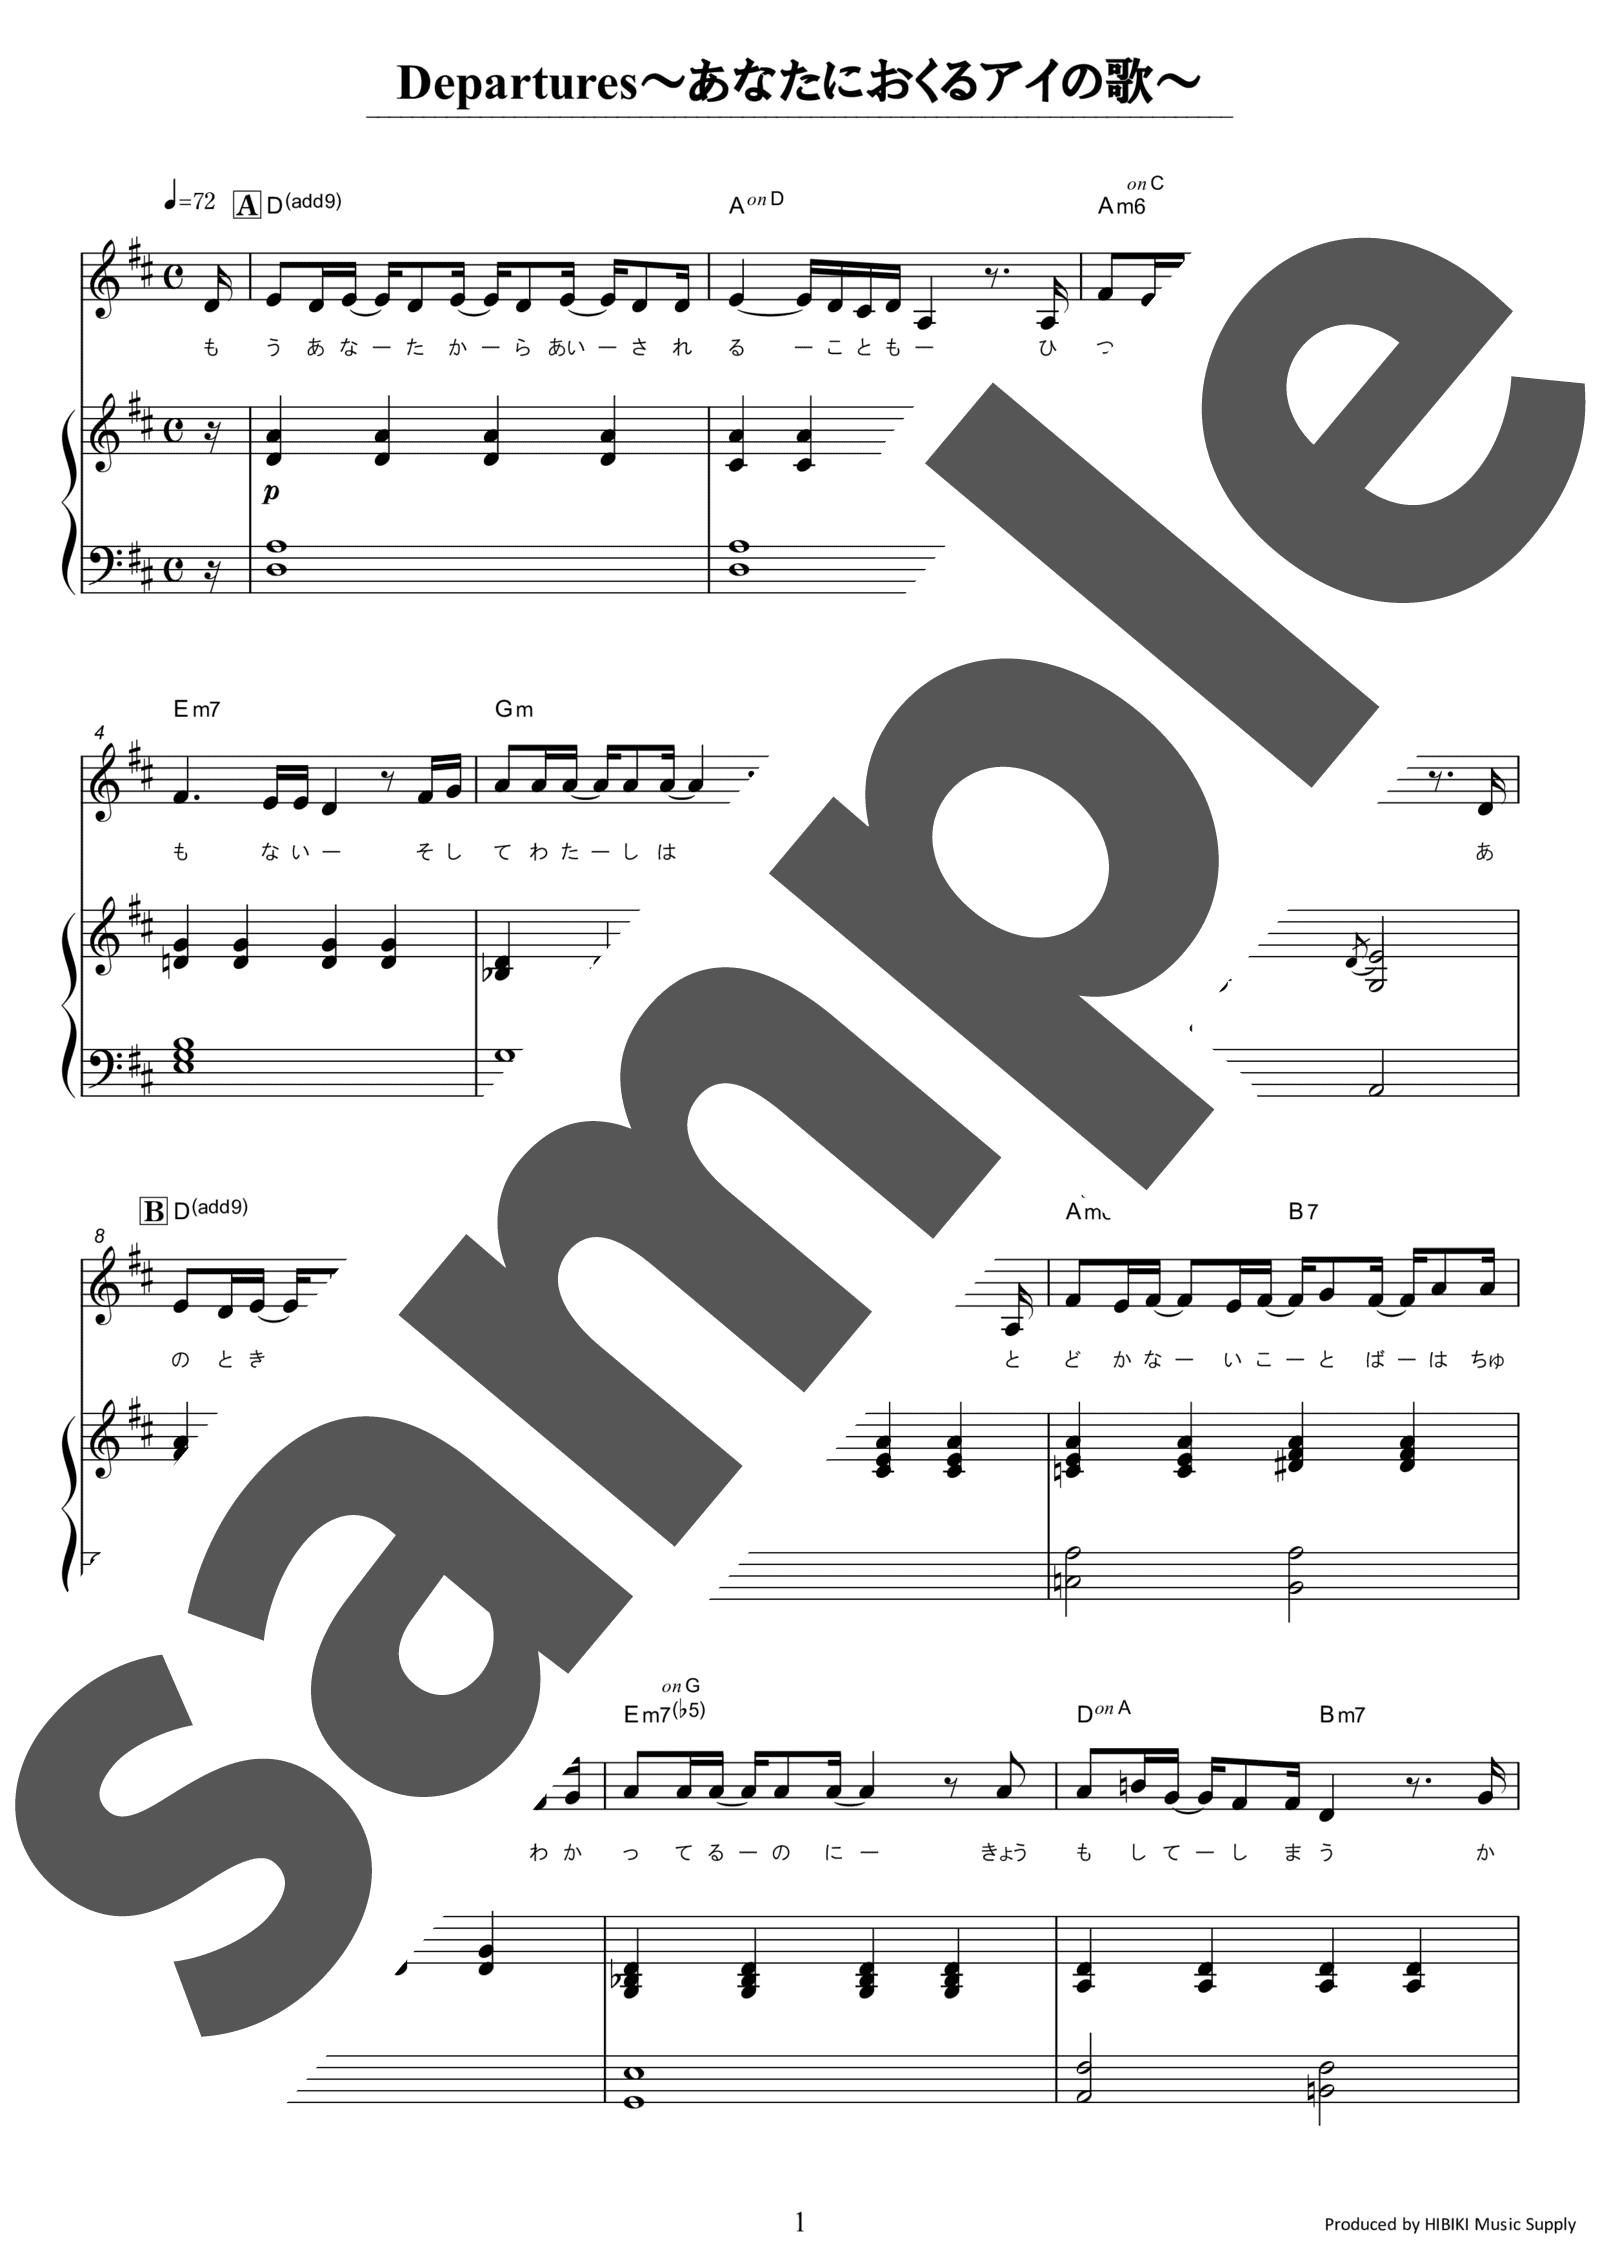 「Departures ~あなたにおくるアイの歌~」のサンプル楽譜